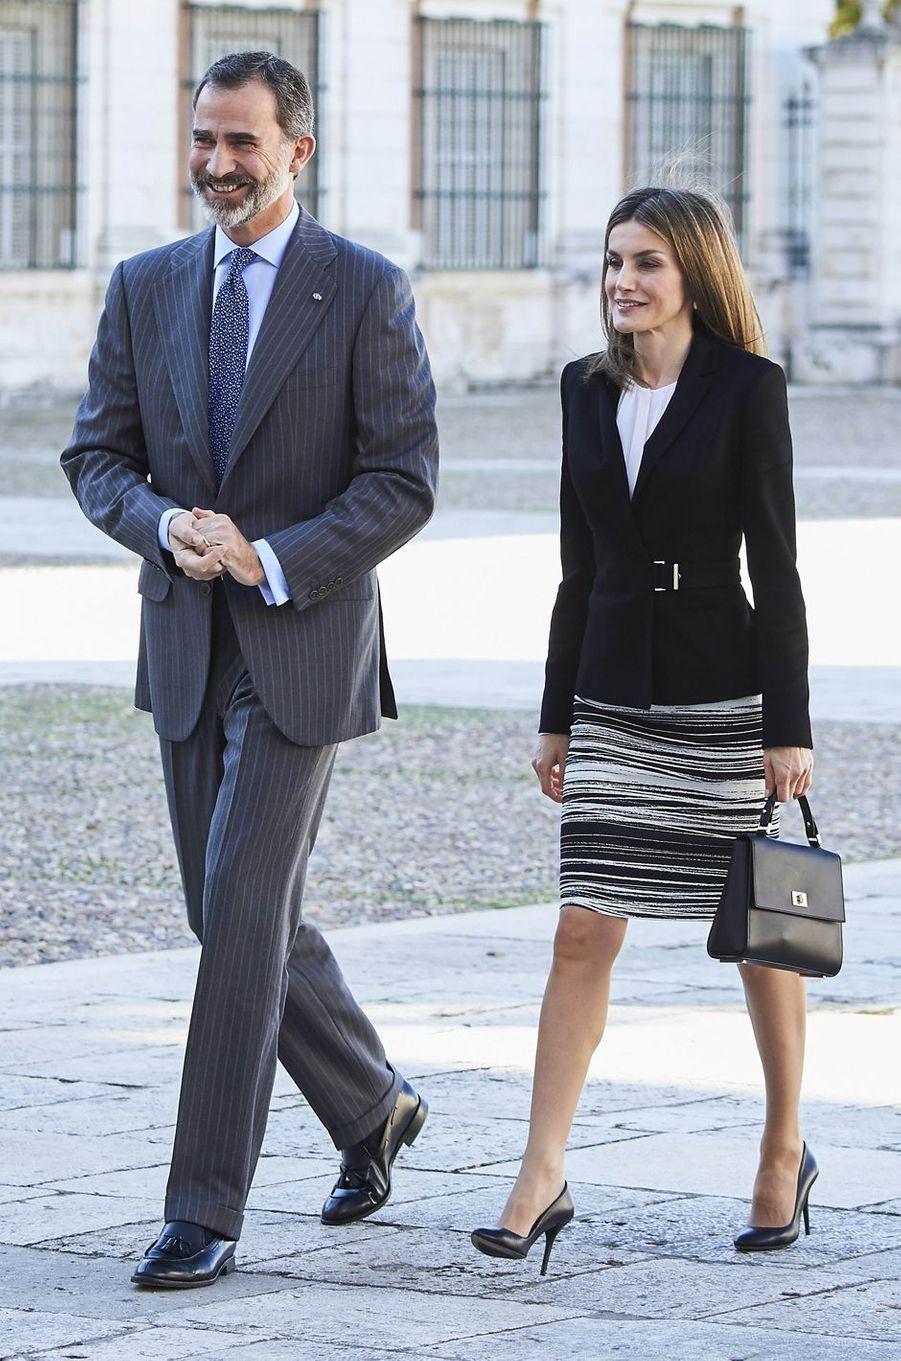 La reine Letizia dans une jupe Hugo Boss, avec le roi Felipe VI d'Espagne, le 7 novembre 2016